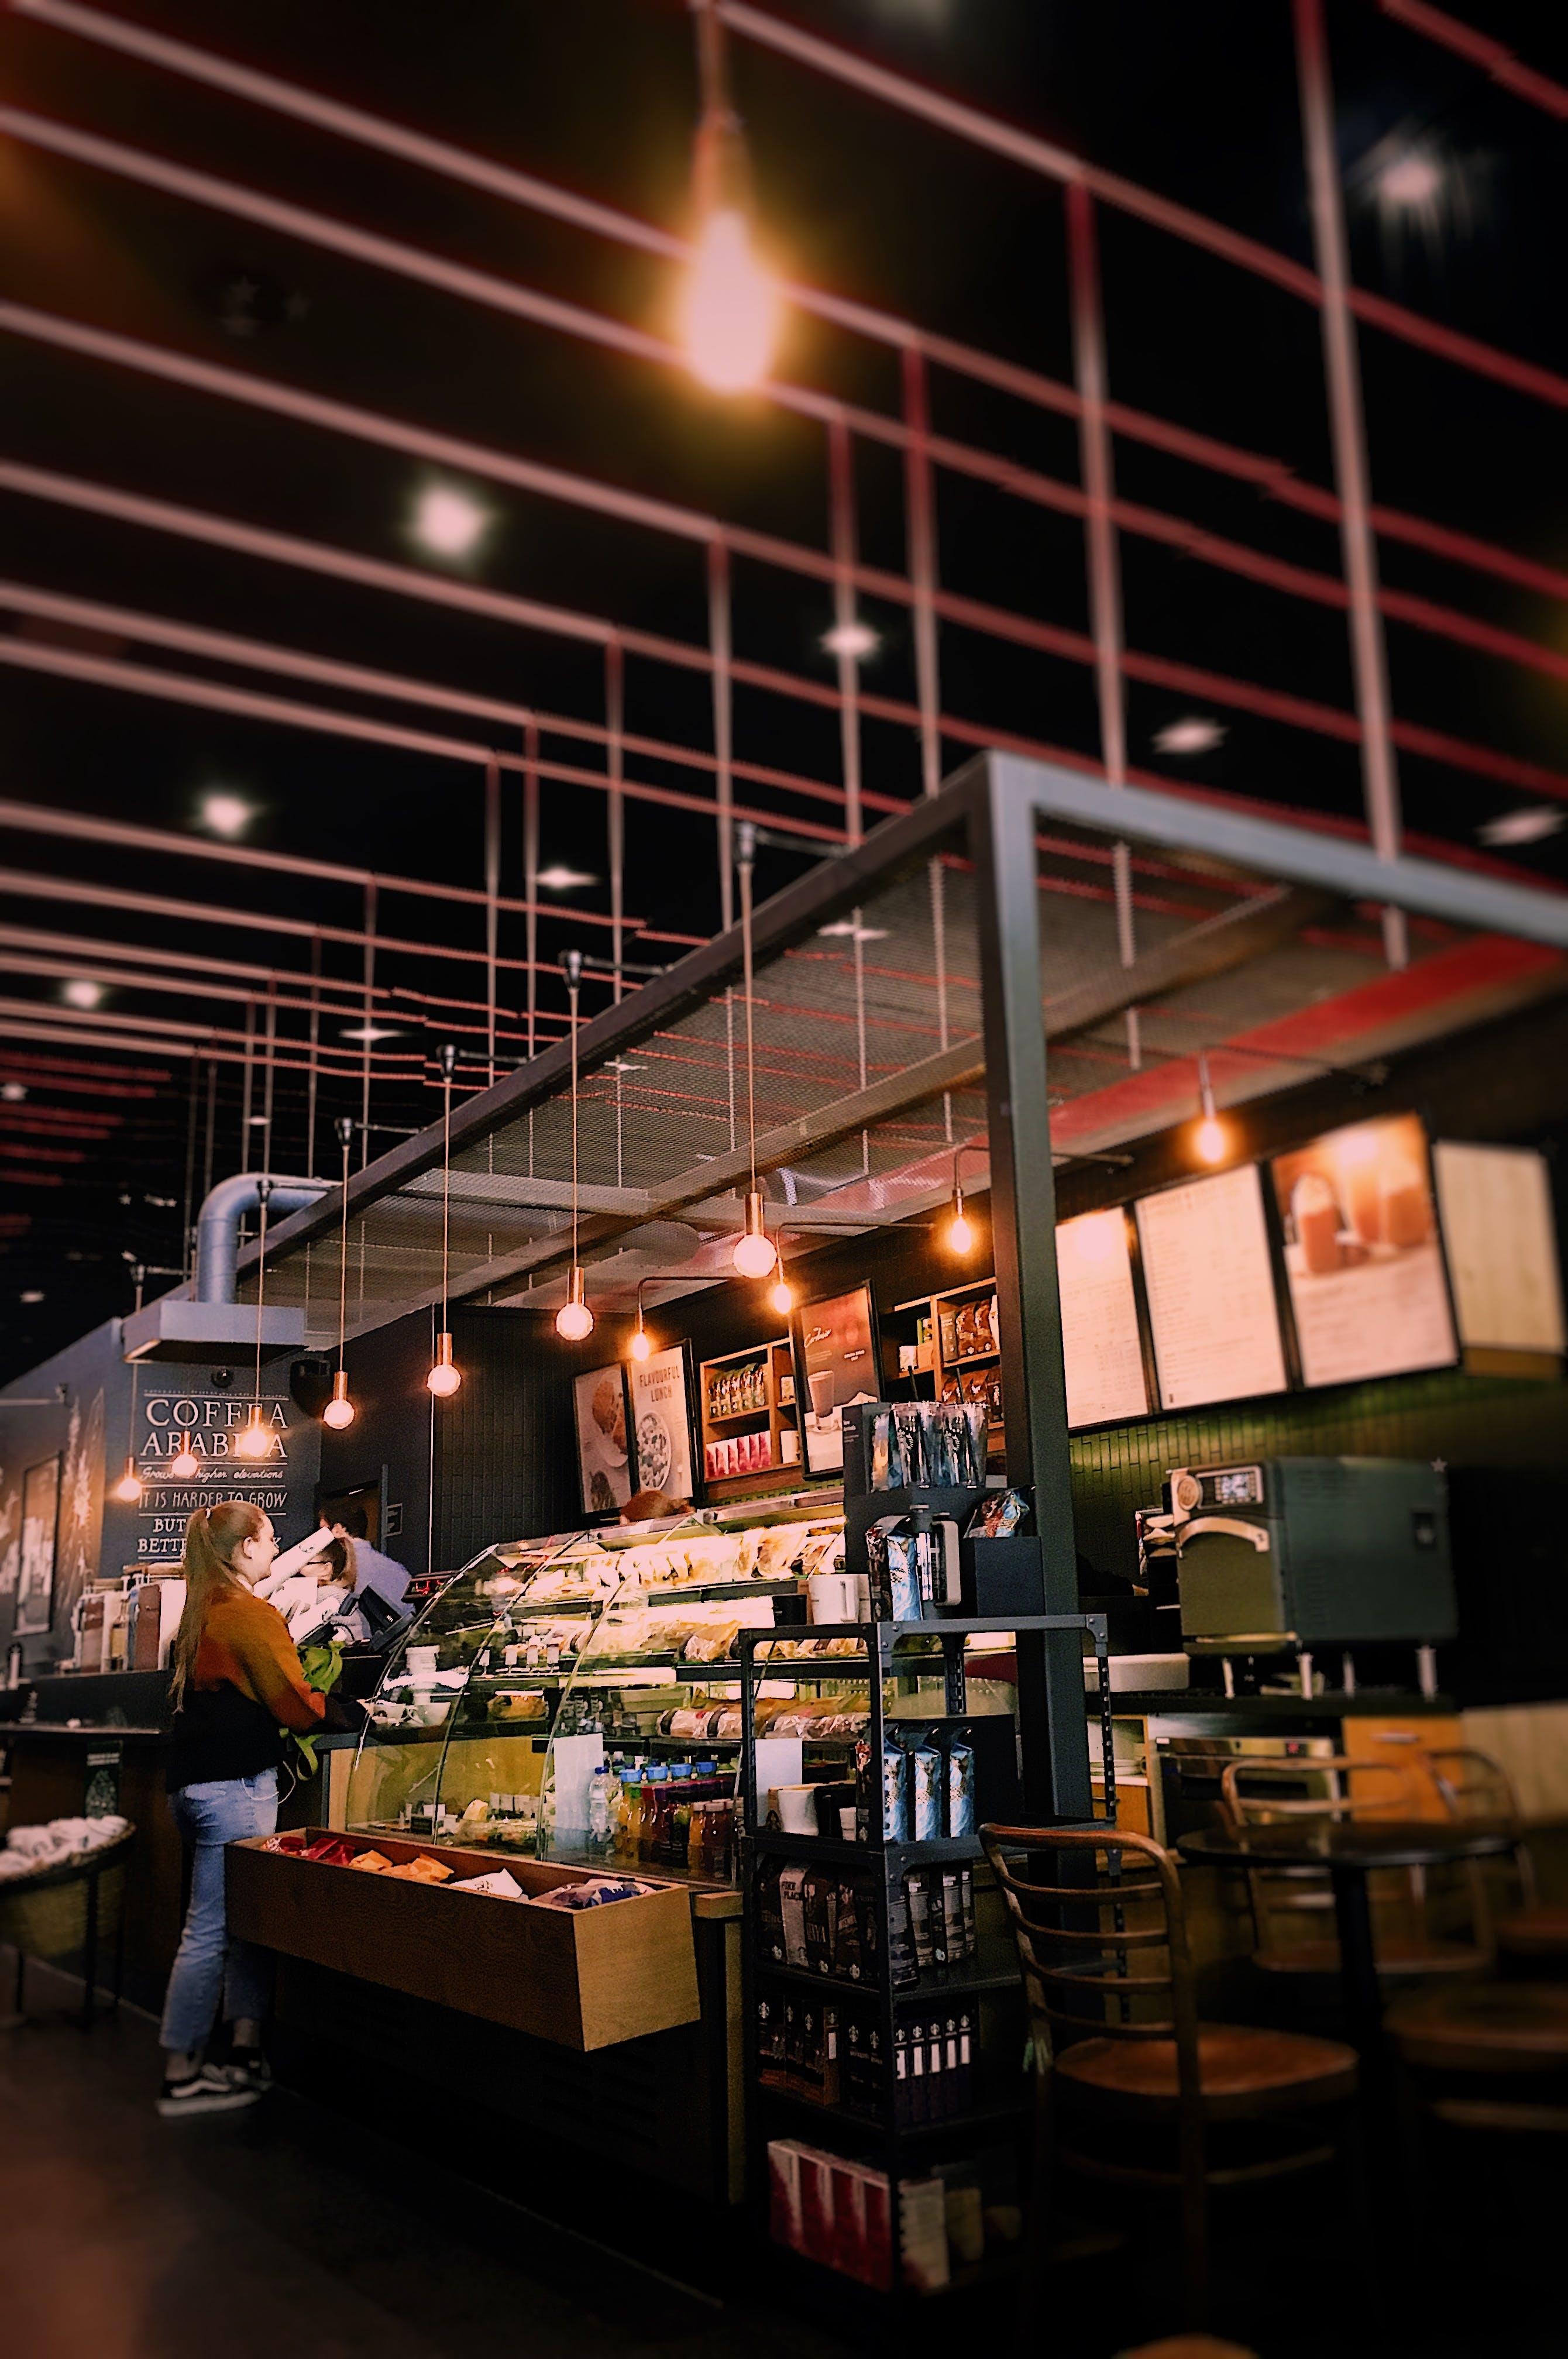 Kostenloses Stock Foto zu abend, architektur, bar, bar cafe